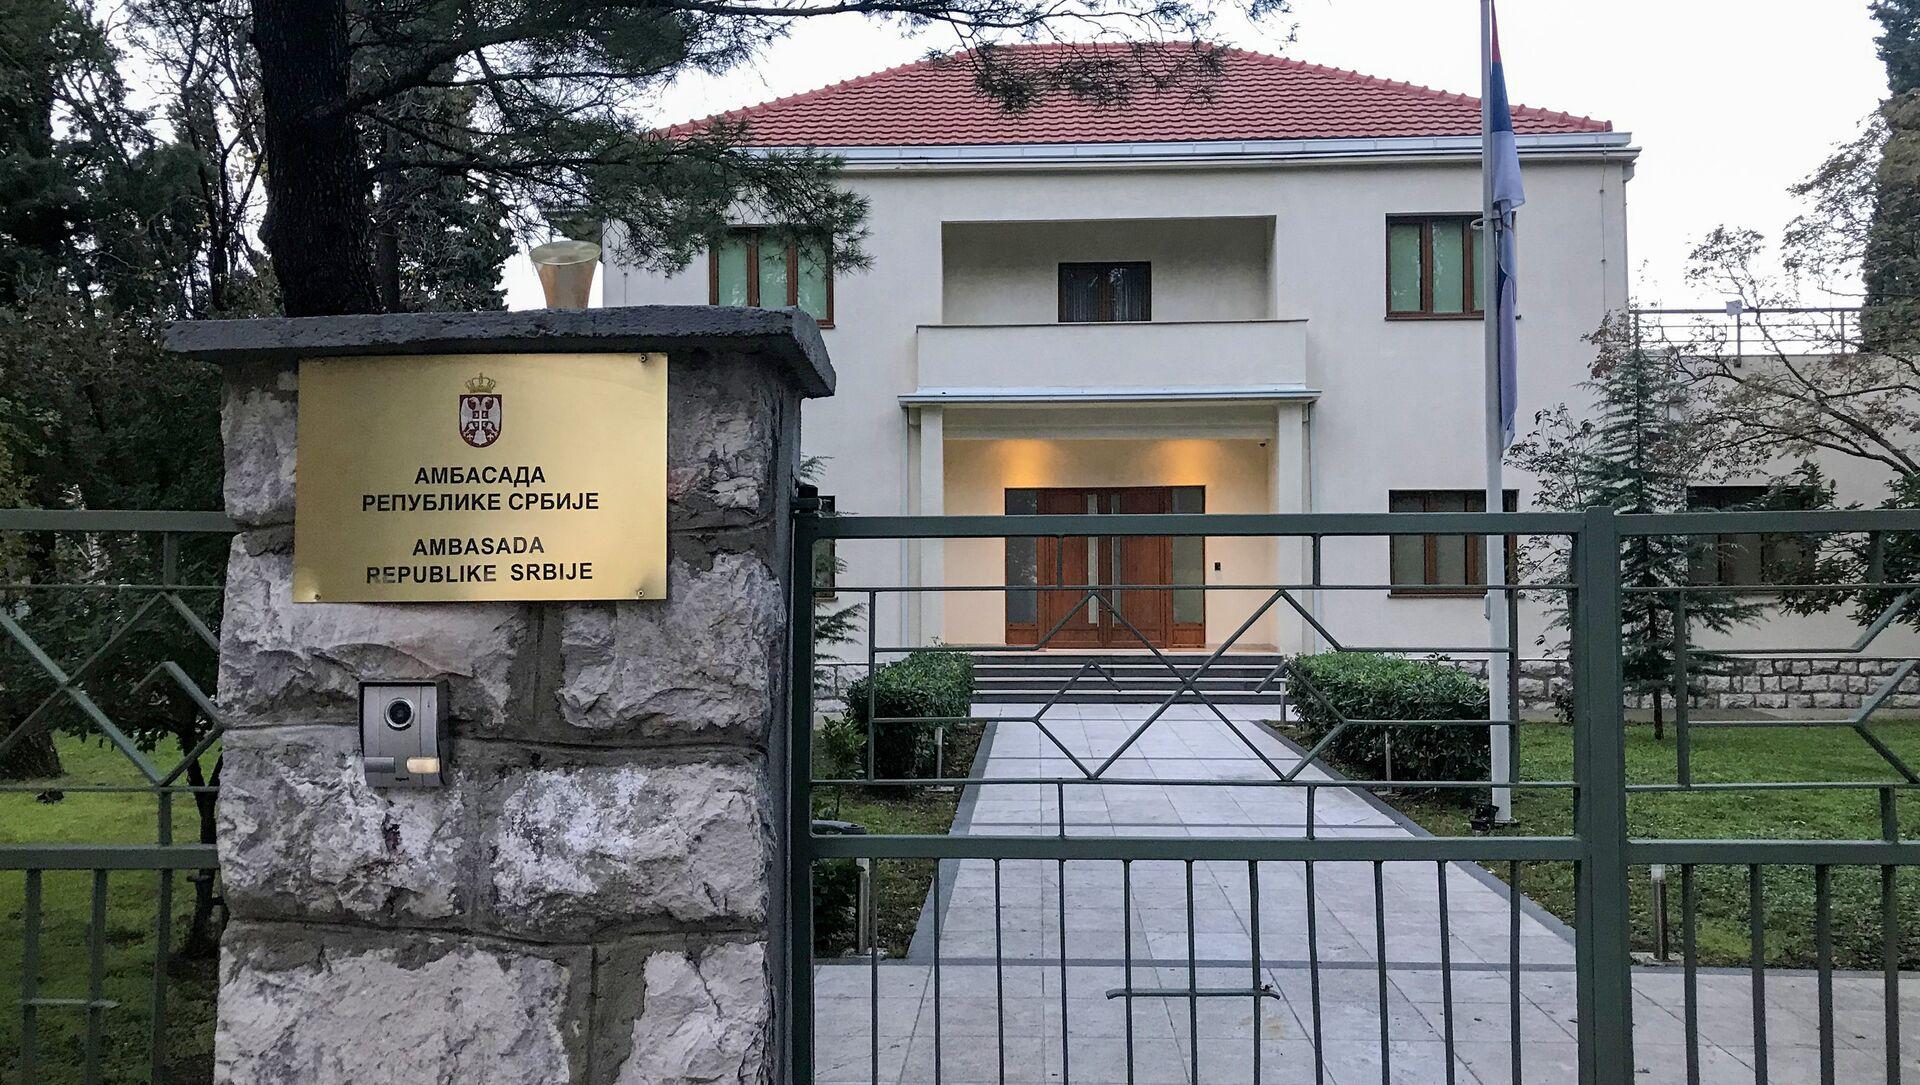 Ambasada Srbije u Podgorici - Sputnik Srbija, 1920, 19.03.2021